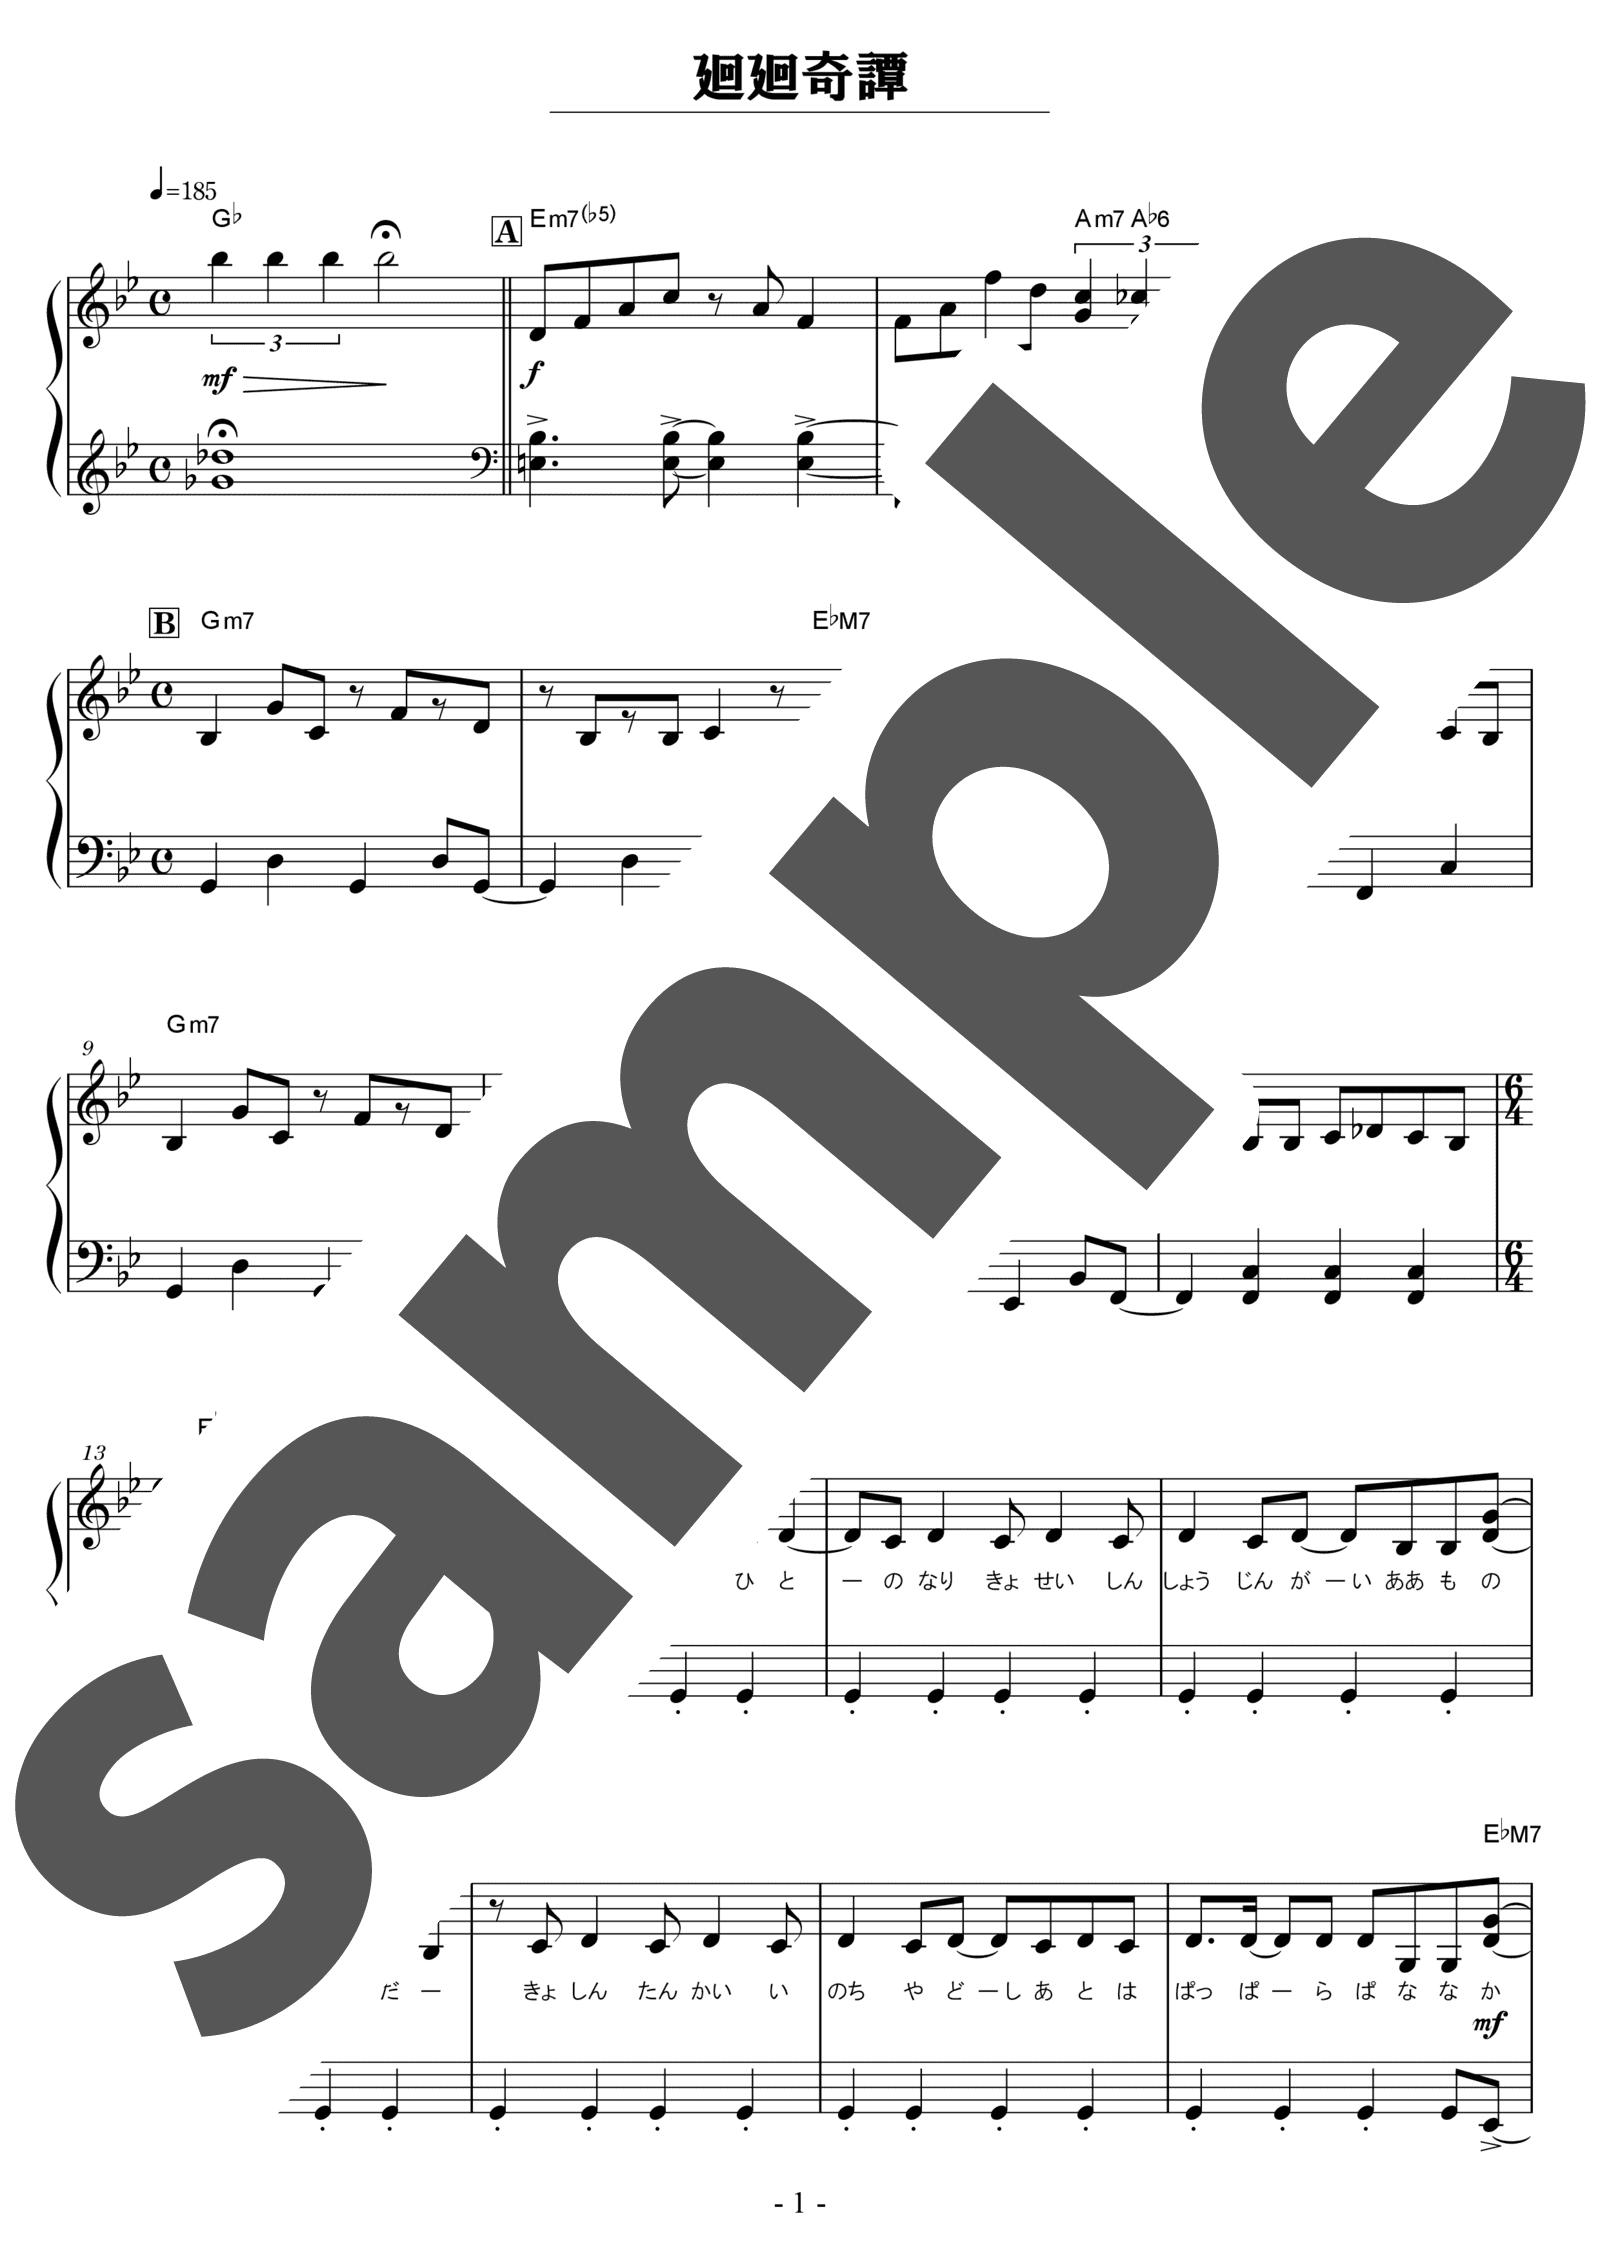 「廻廻奇譚」のサンプル楽譜